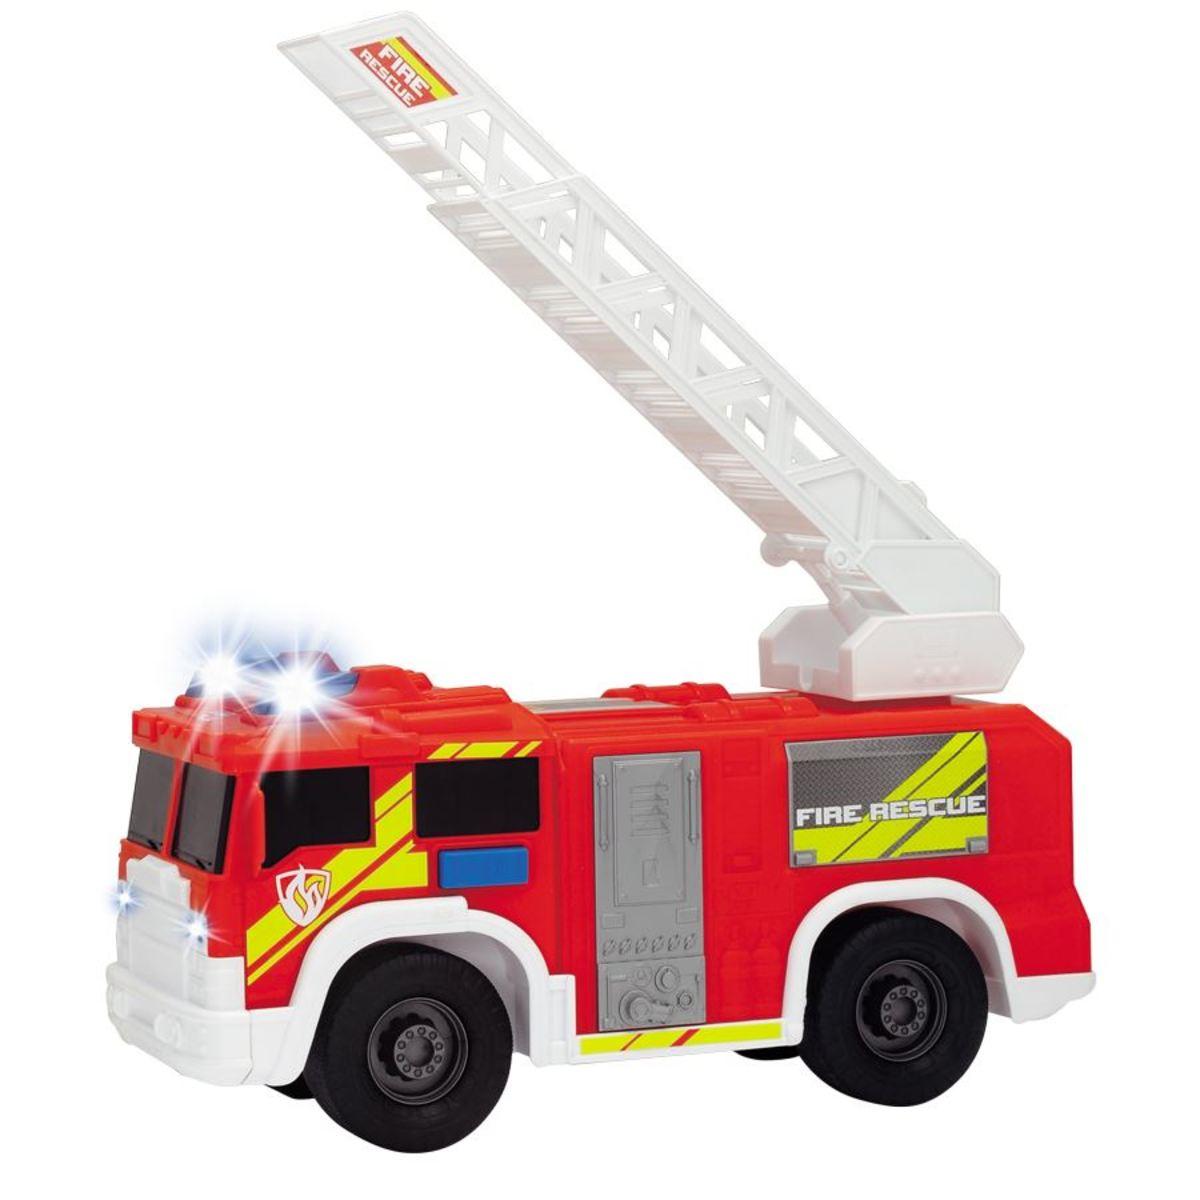 Bild 4 von Dickie Toys Feuerwehrauto Fire Rescue Unit